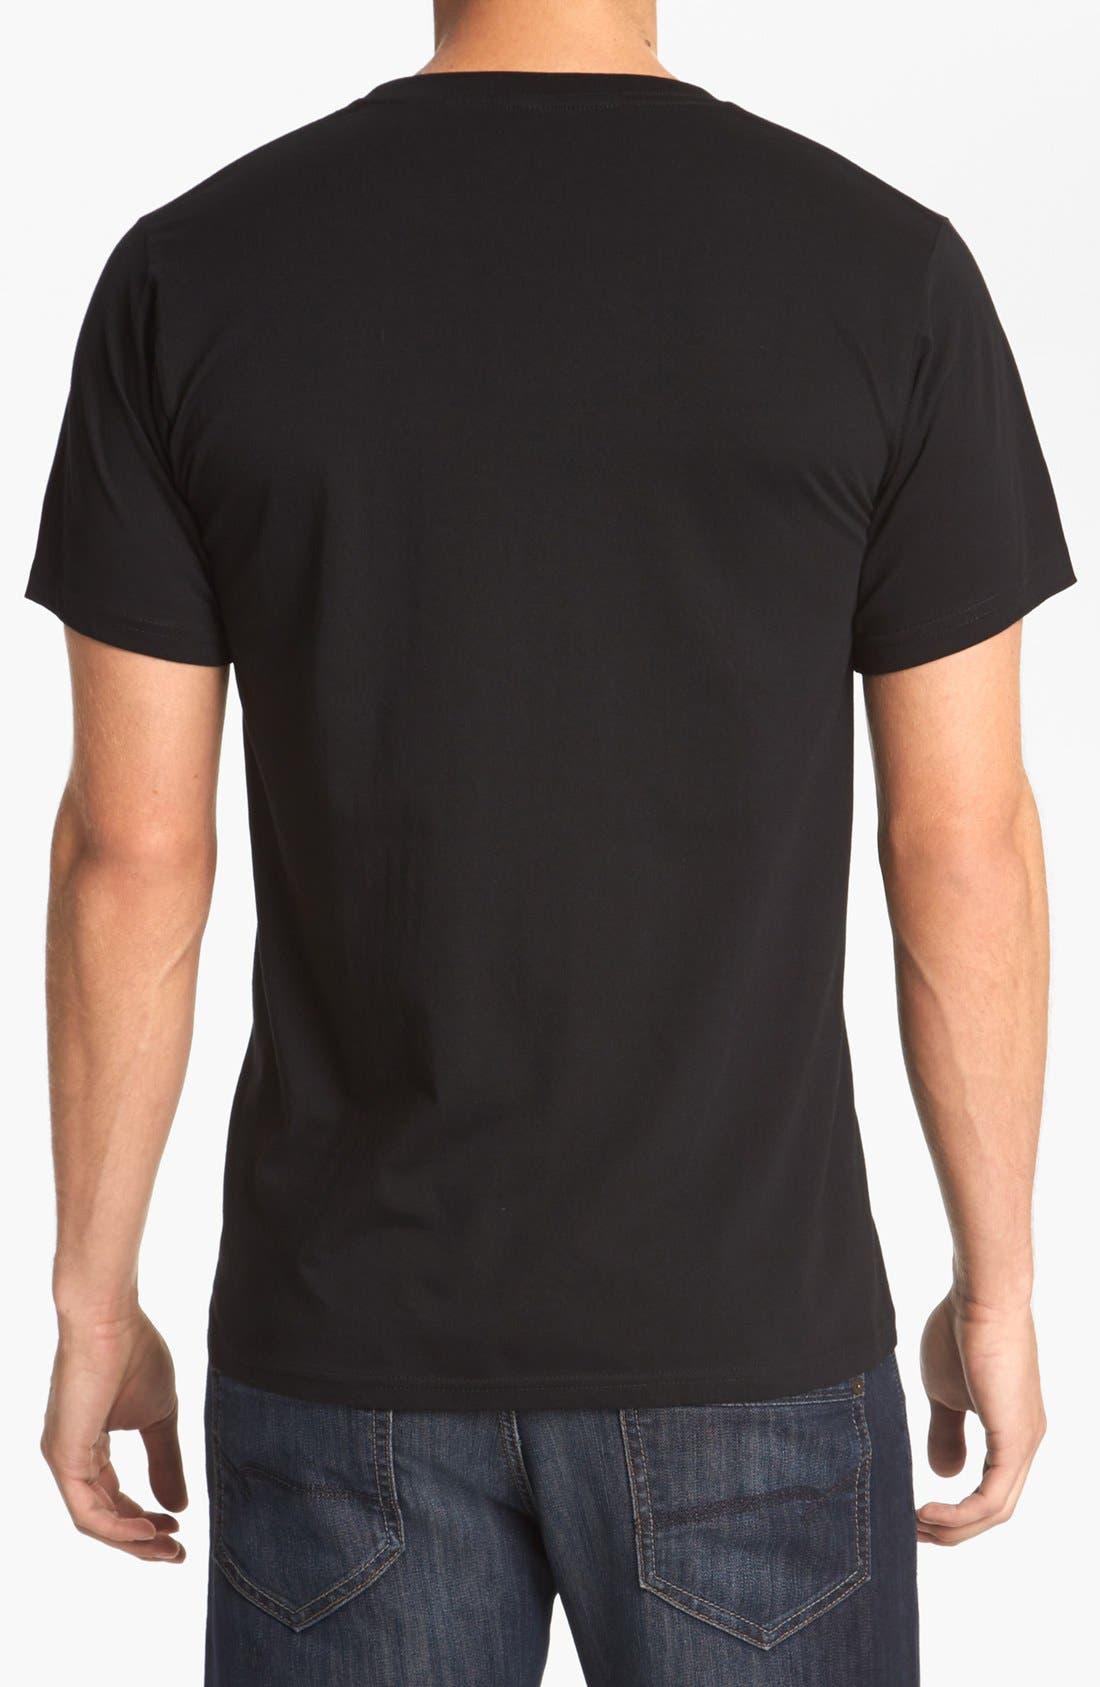 HORSES CUT SHOP,                             'Kelly's Olympian' T-Shirt,                             Alternate thumbnail 2, color,                             001